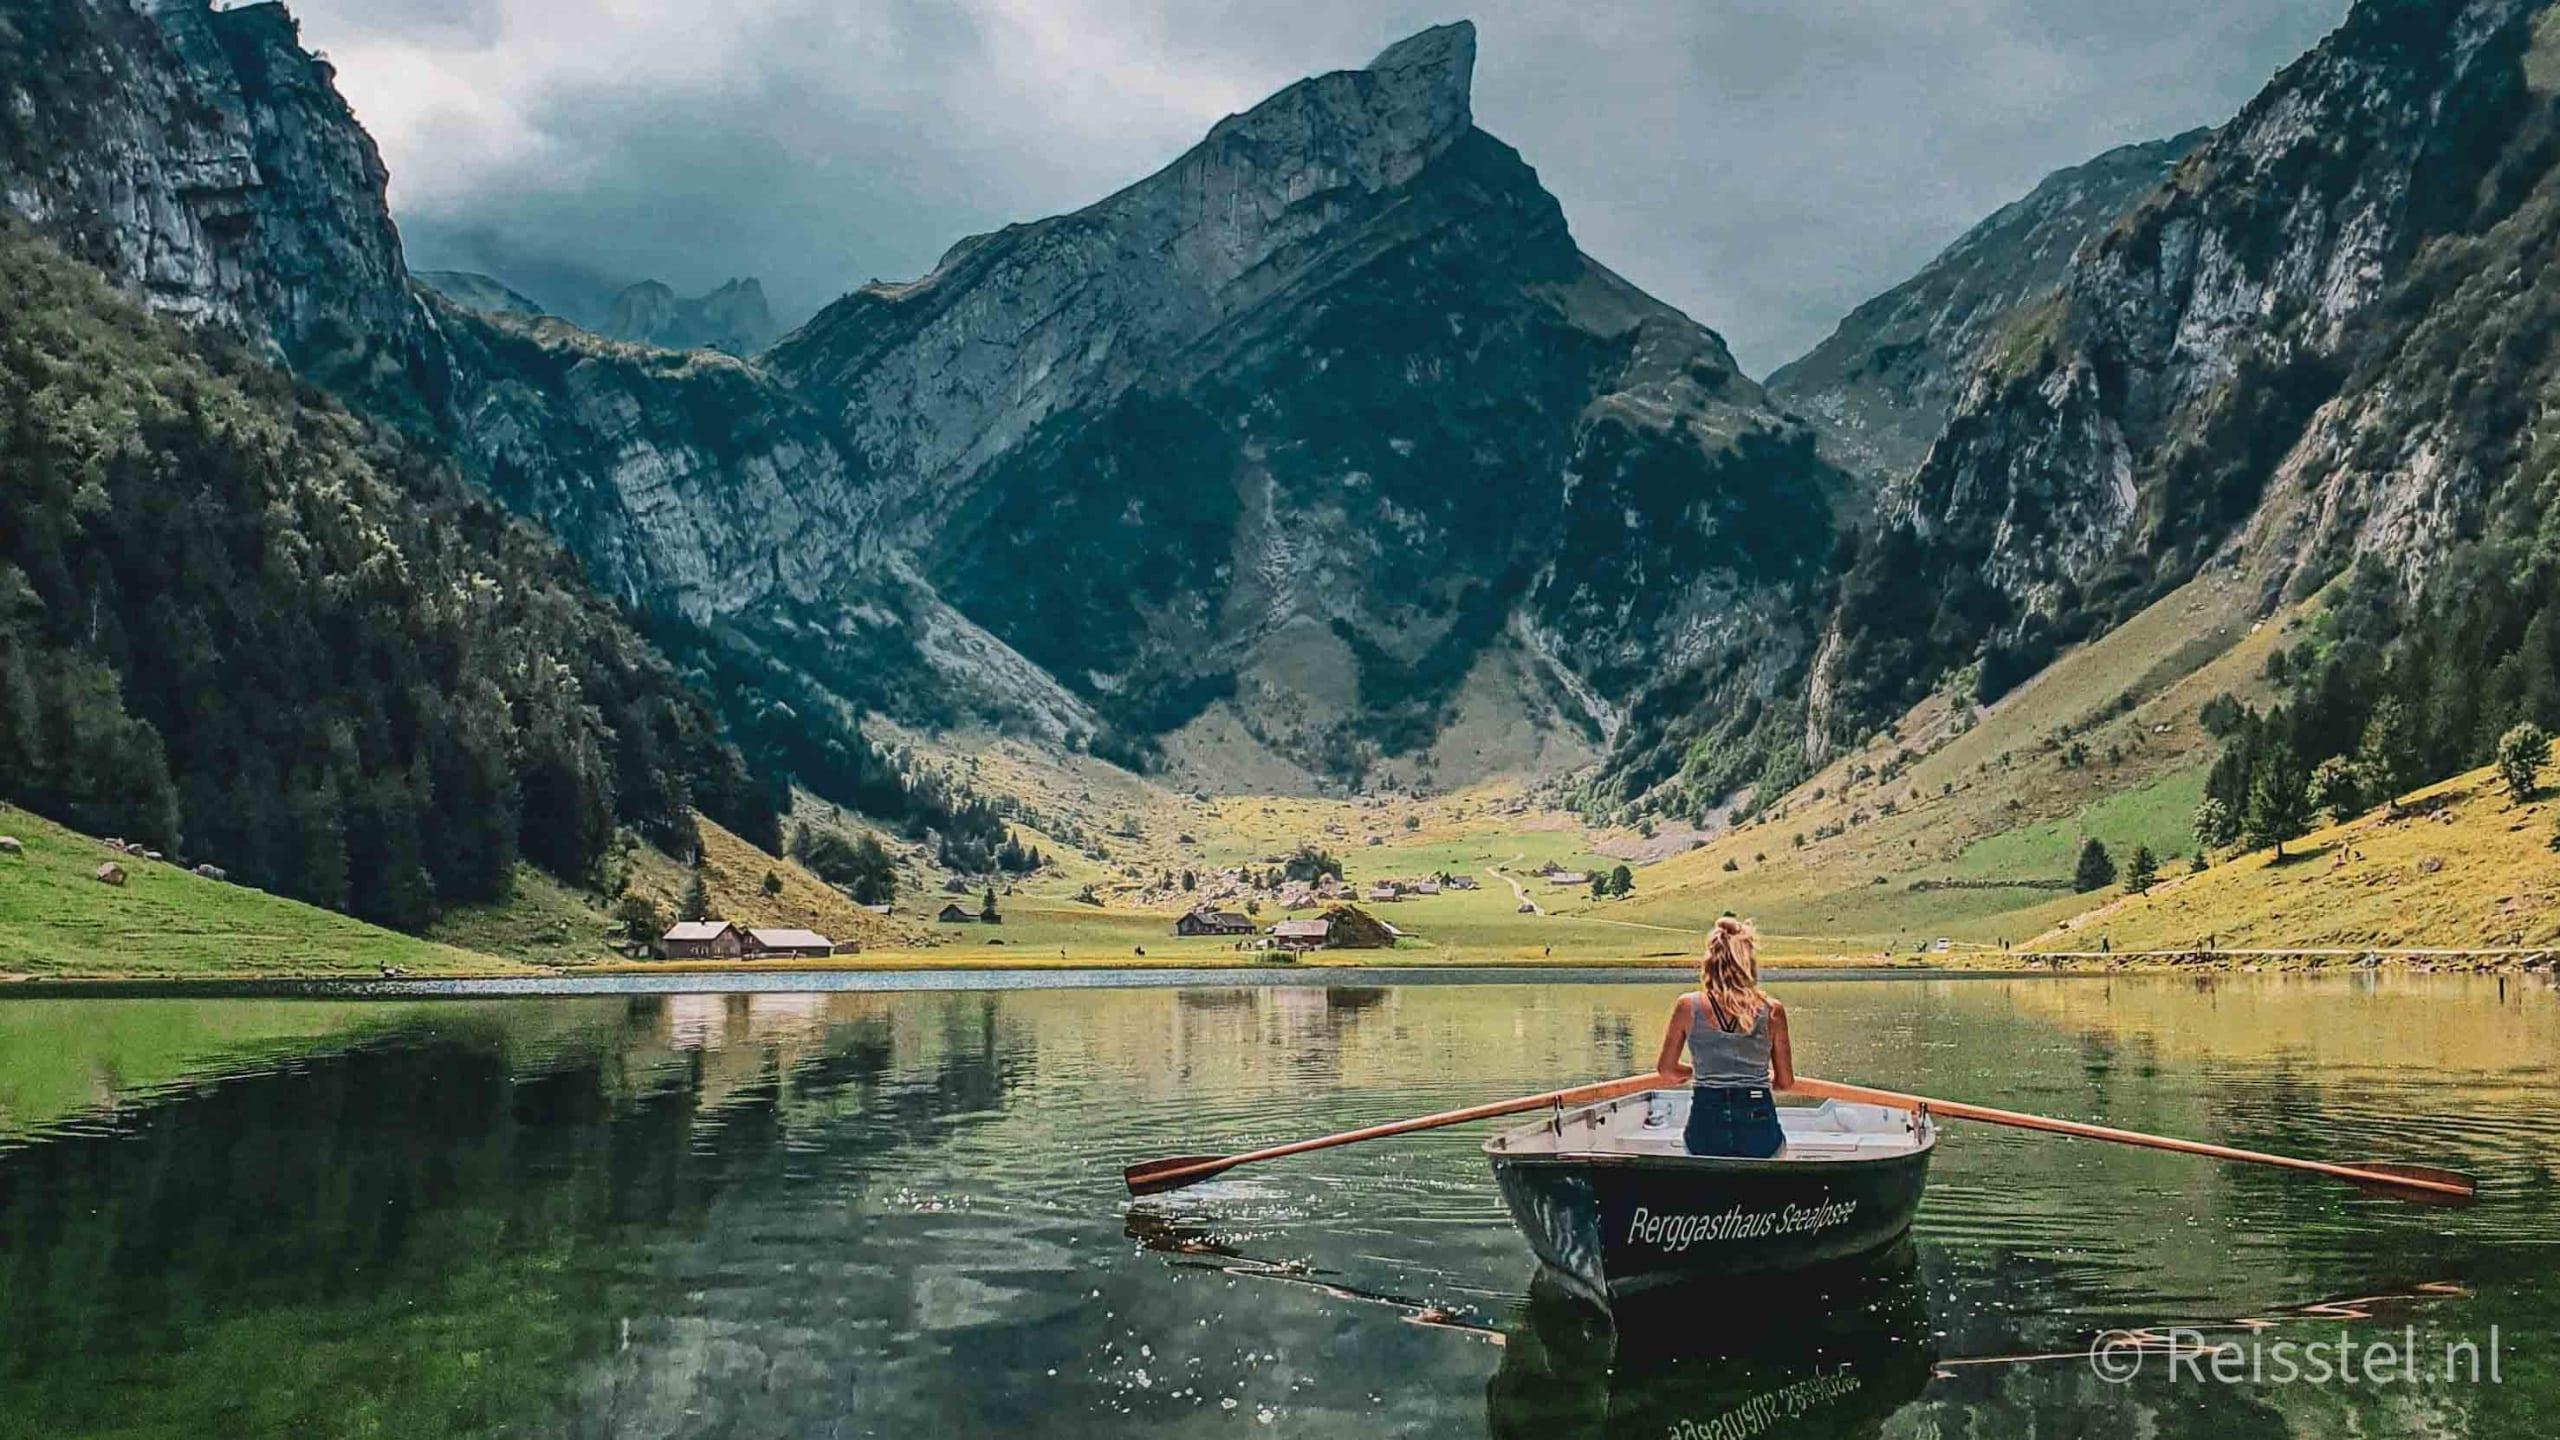 Reisstel.nl | Leven in het moment tijdens je wereldreis | 6 tips